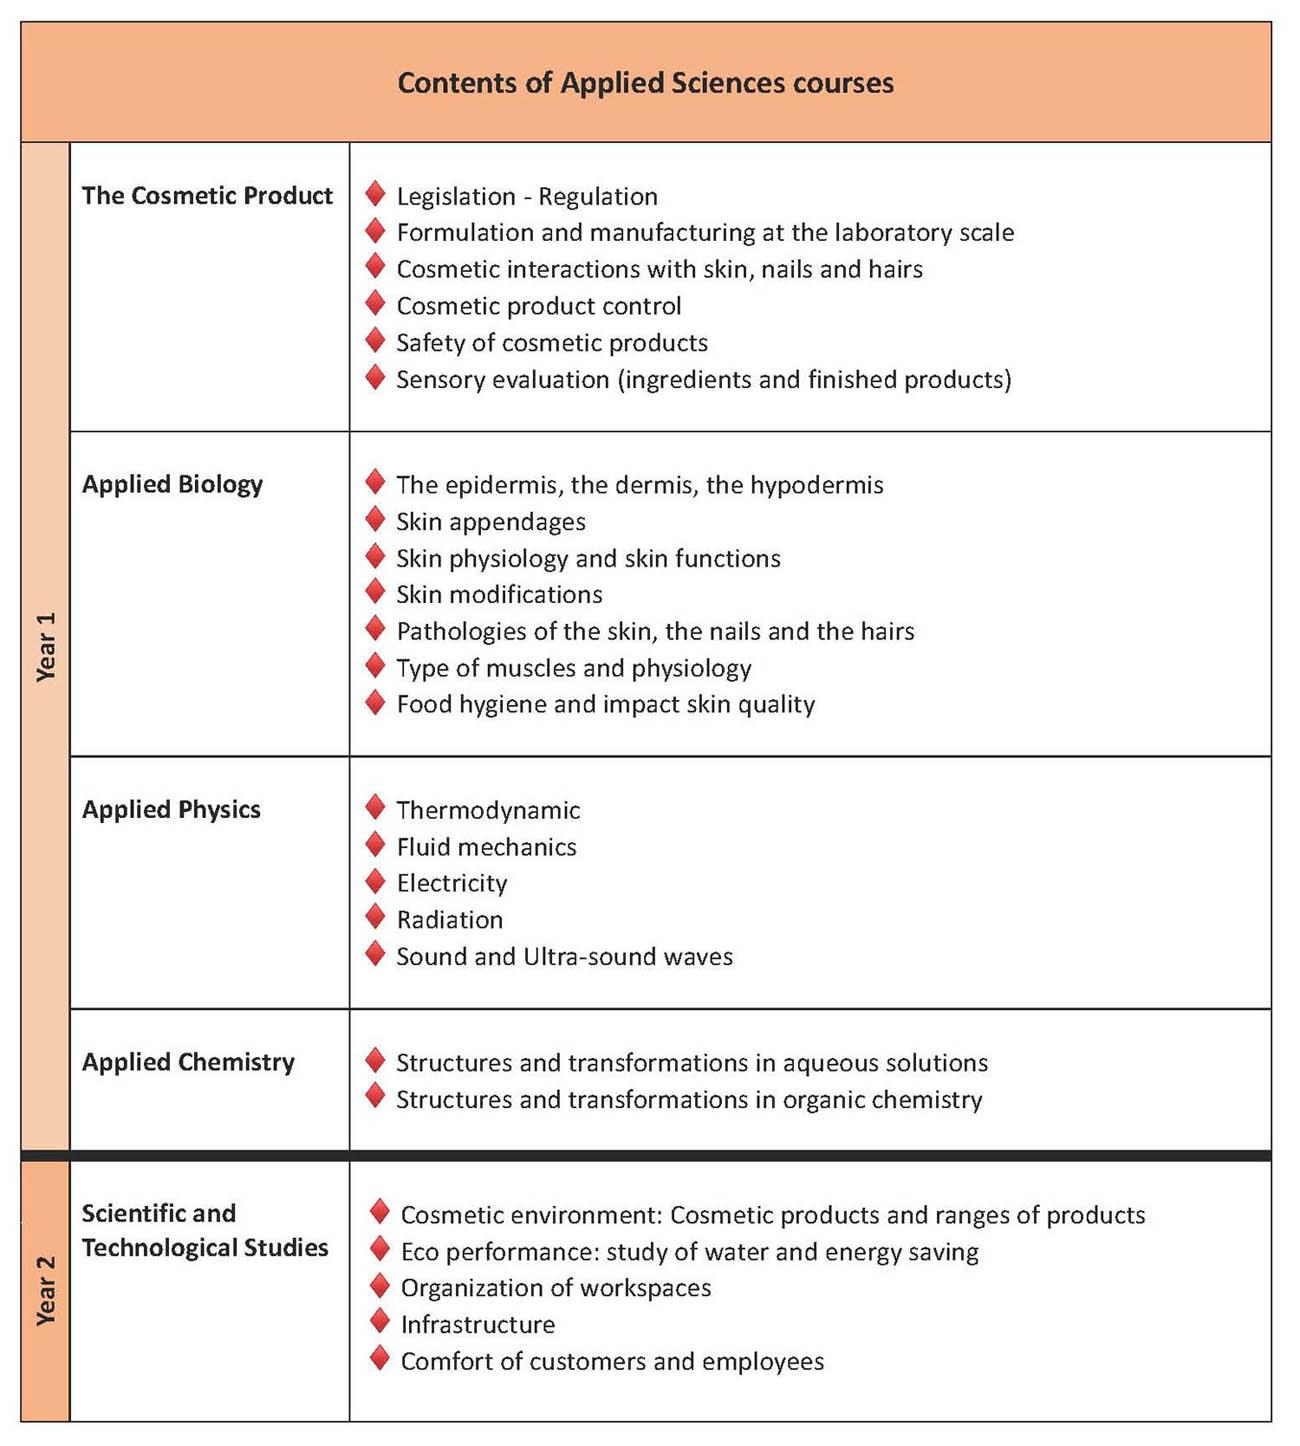 Catalogue des cours de Sciences appliquées en anglais